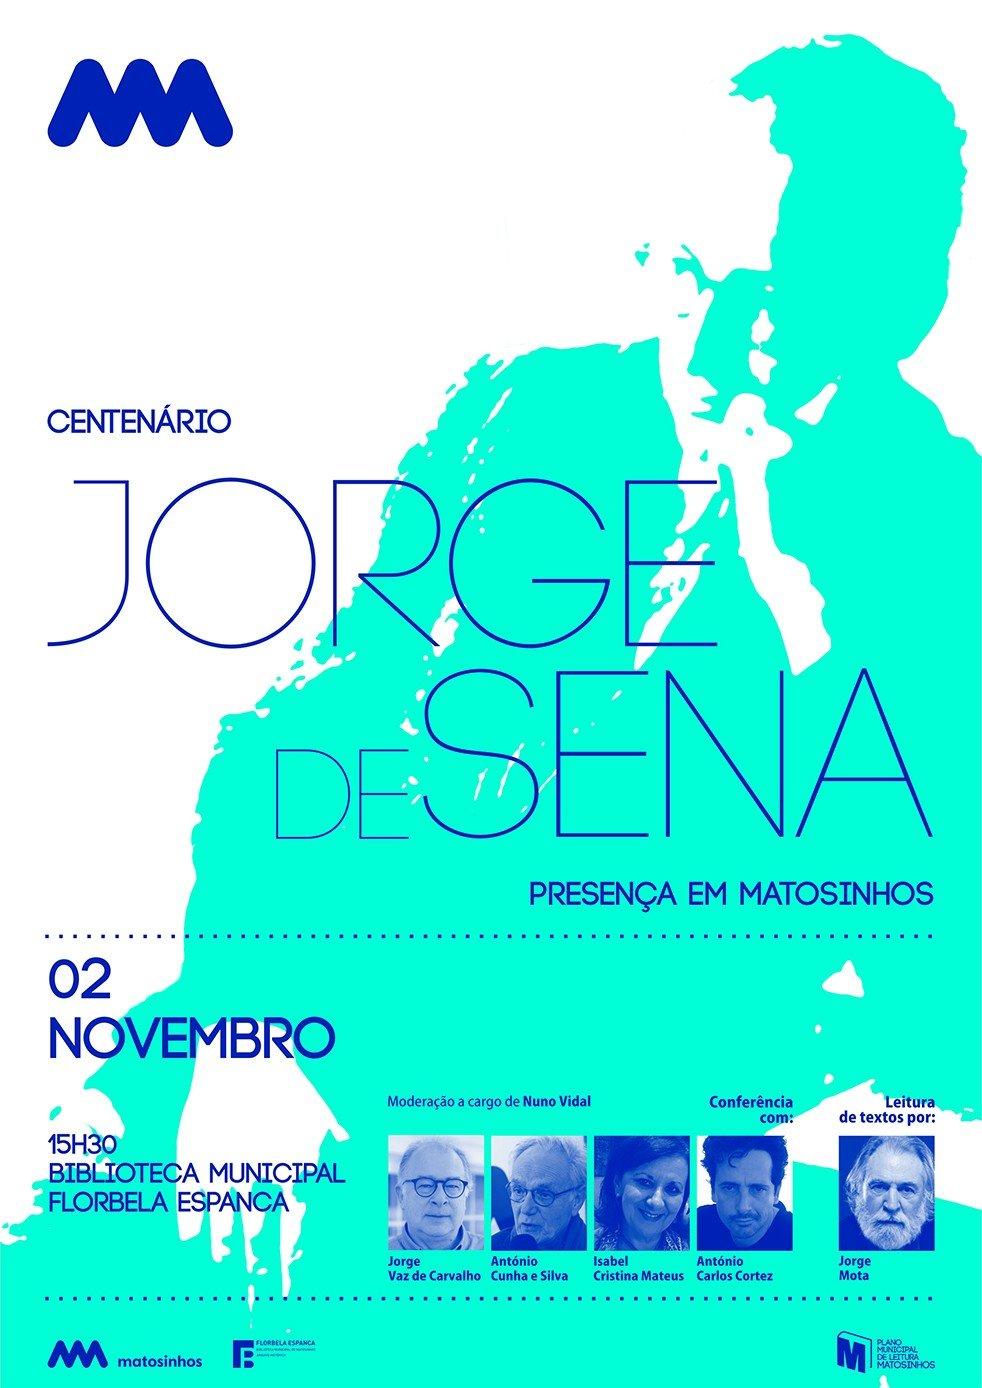 Centenário Jorge de Sena